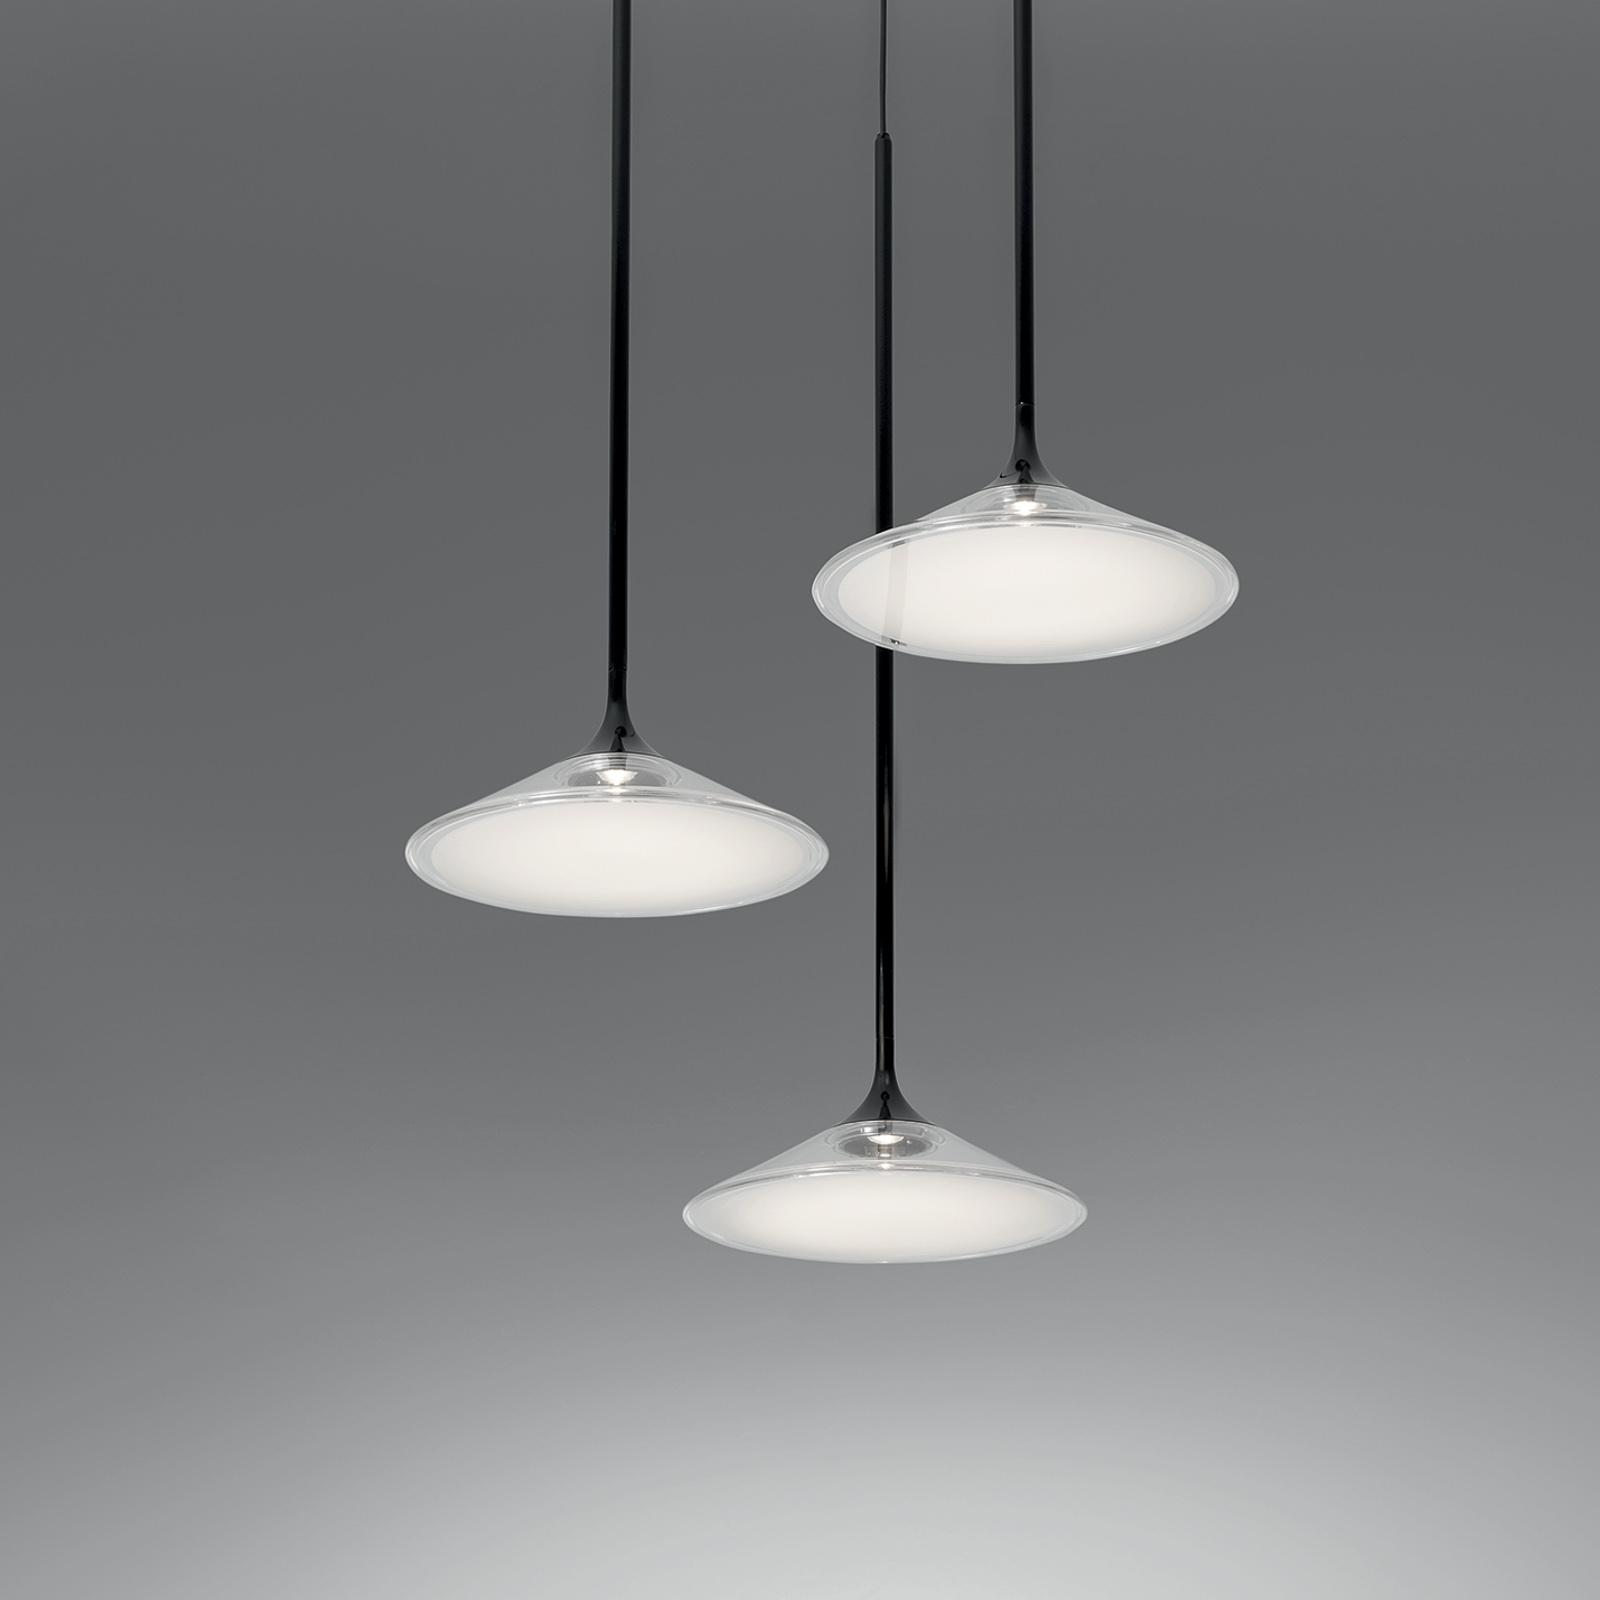 Artemide Orsa Cluster 3 LED-Pendelleuchte